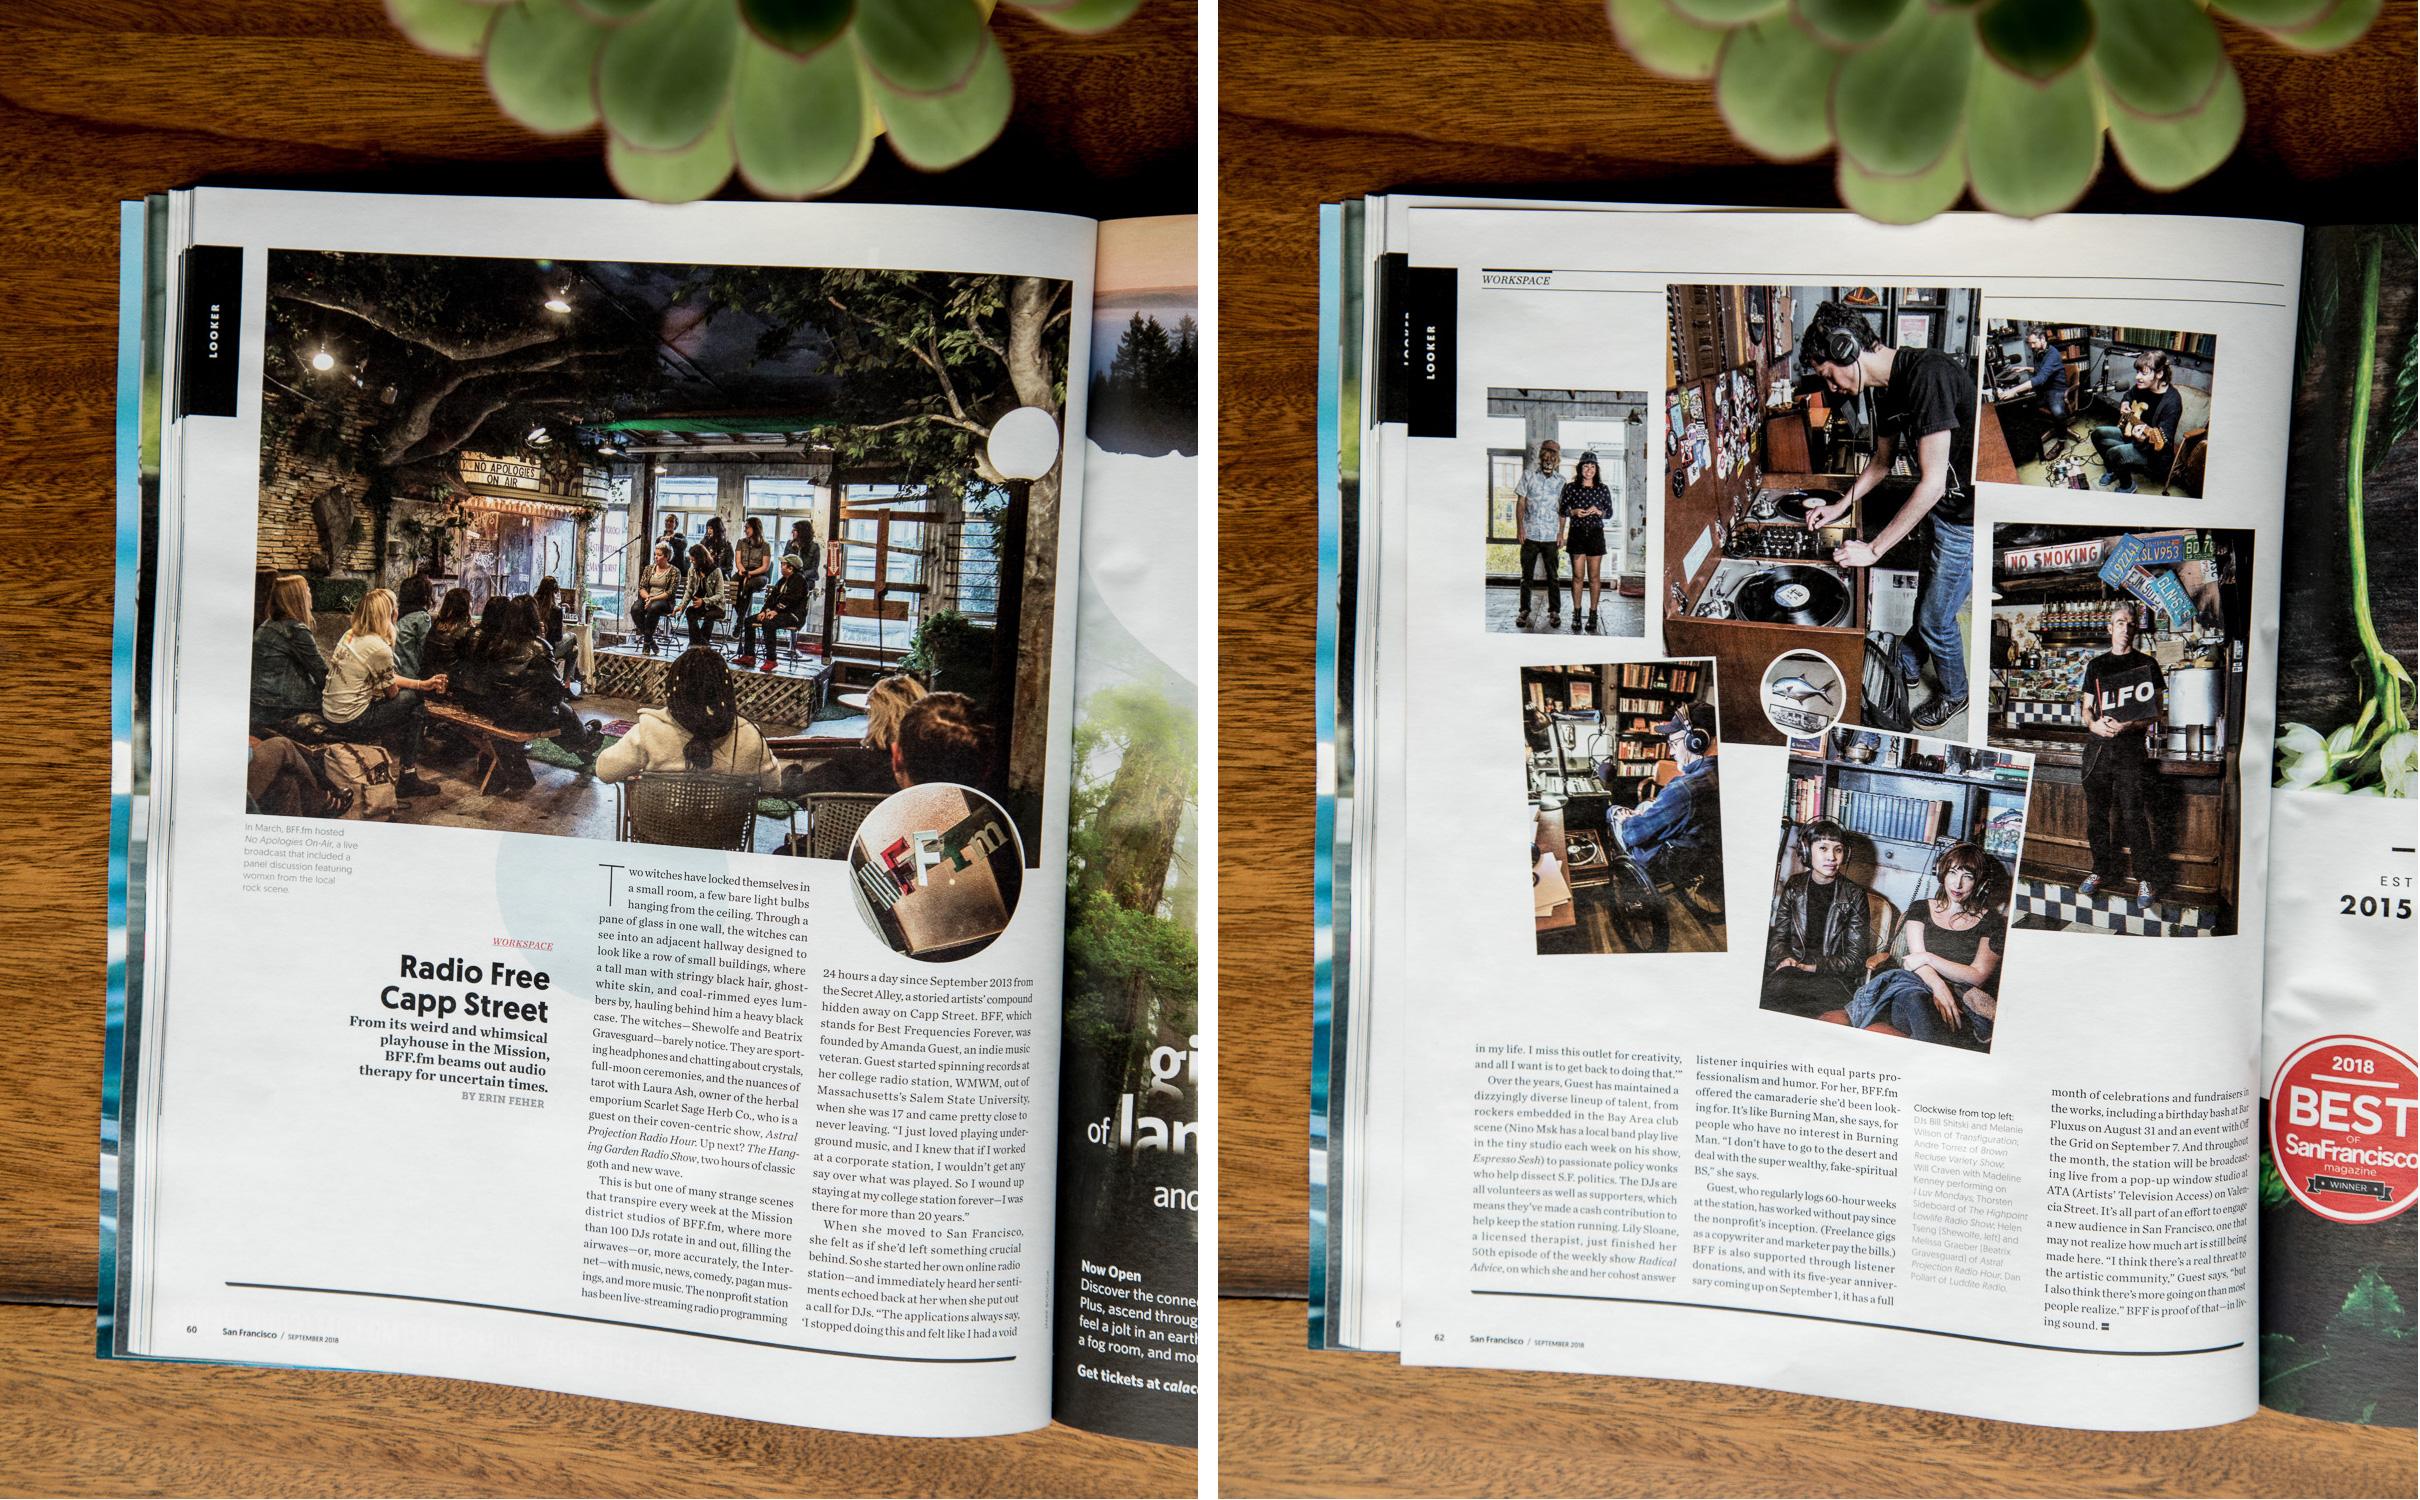 sf-magazine-jaimeborschuk-photo.jpg